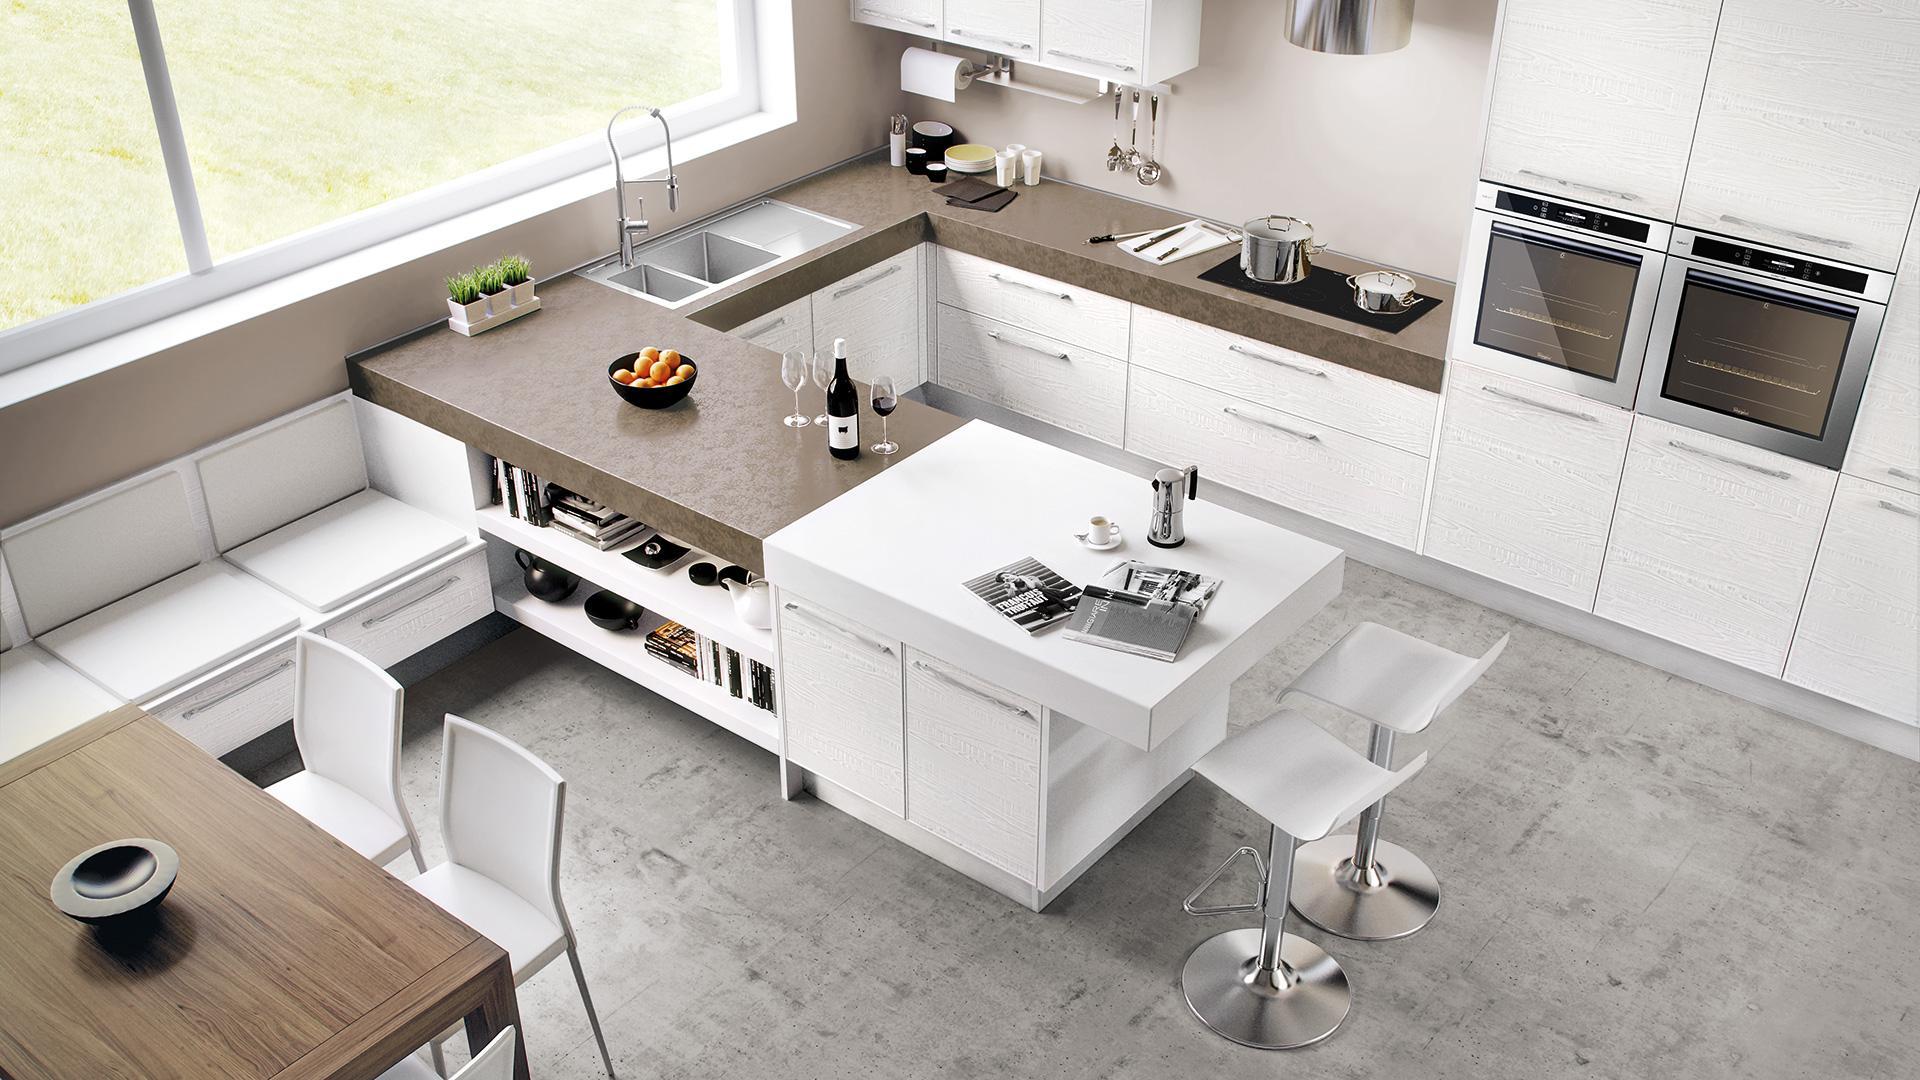 Cucine Lube Küche Modell Adele Ansicht von oben